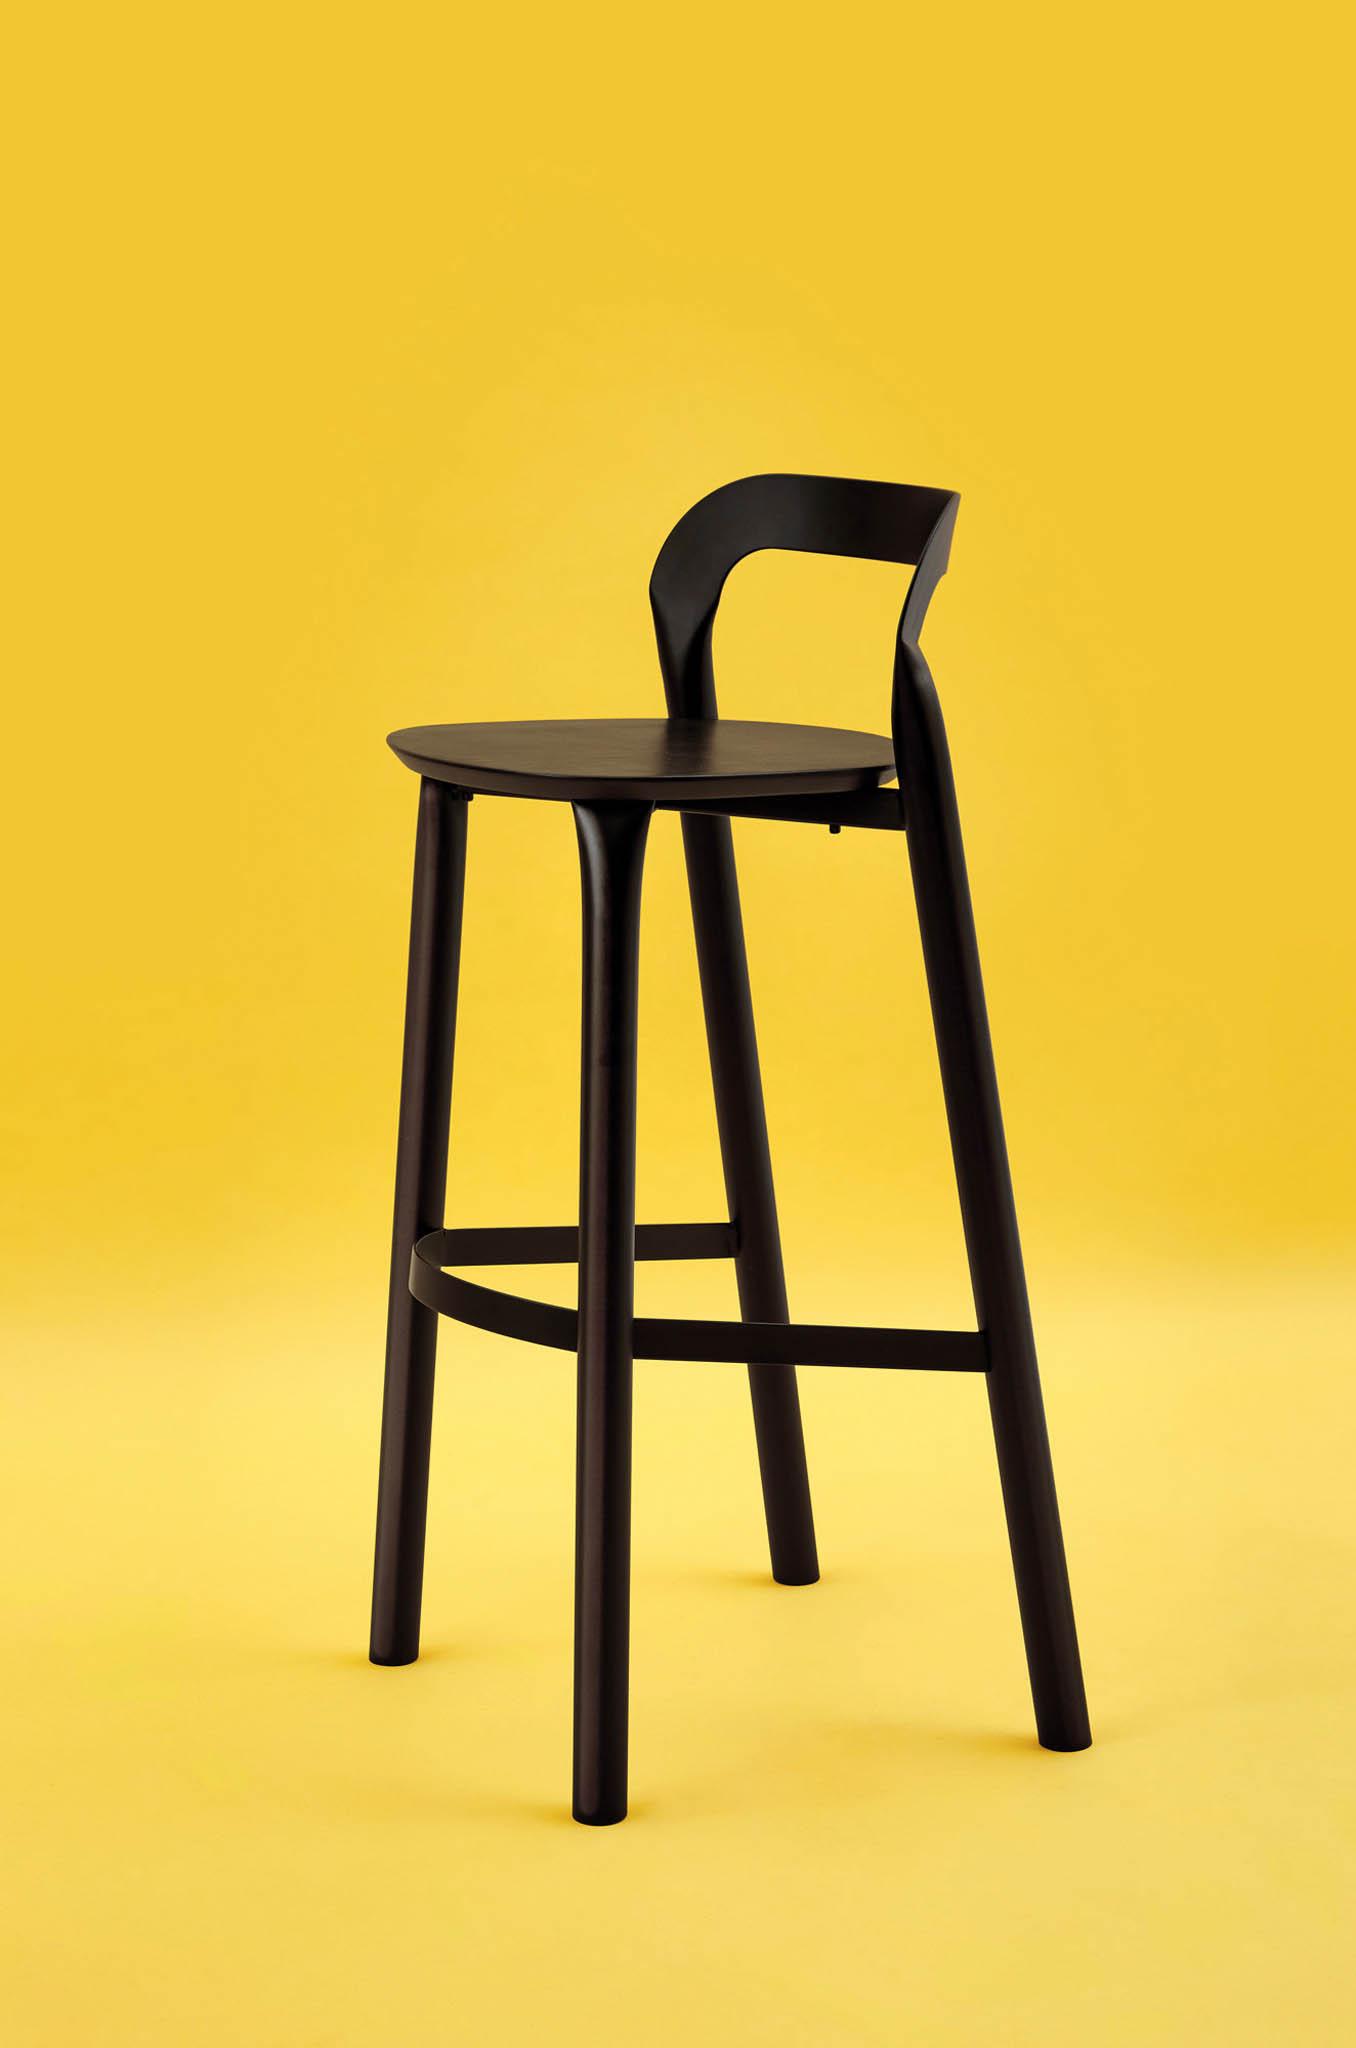 Finalisté v kategorii produktový design a móda vzešli ze sto padesáti nominovaných. Česko bude reprezentovat Adam Štok s kolekcí vytvořenou hydraulickým lisem.